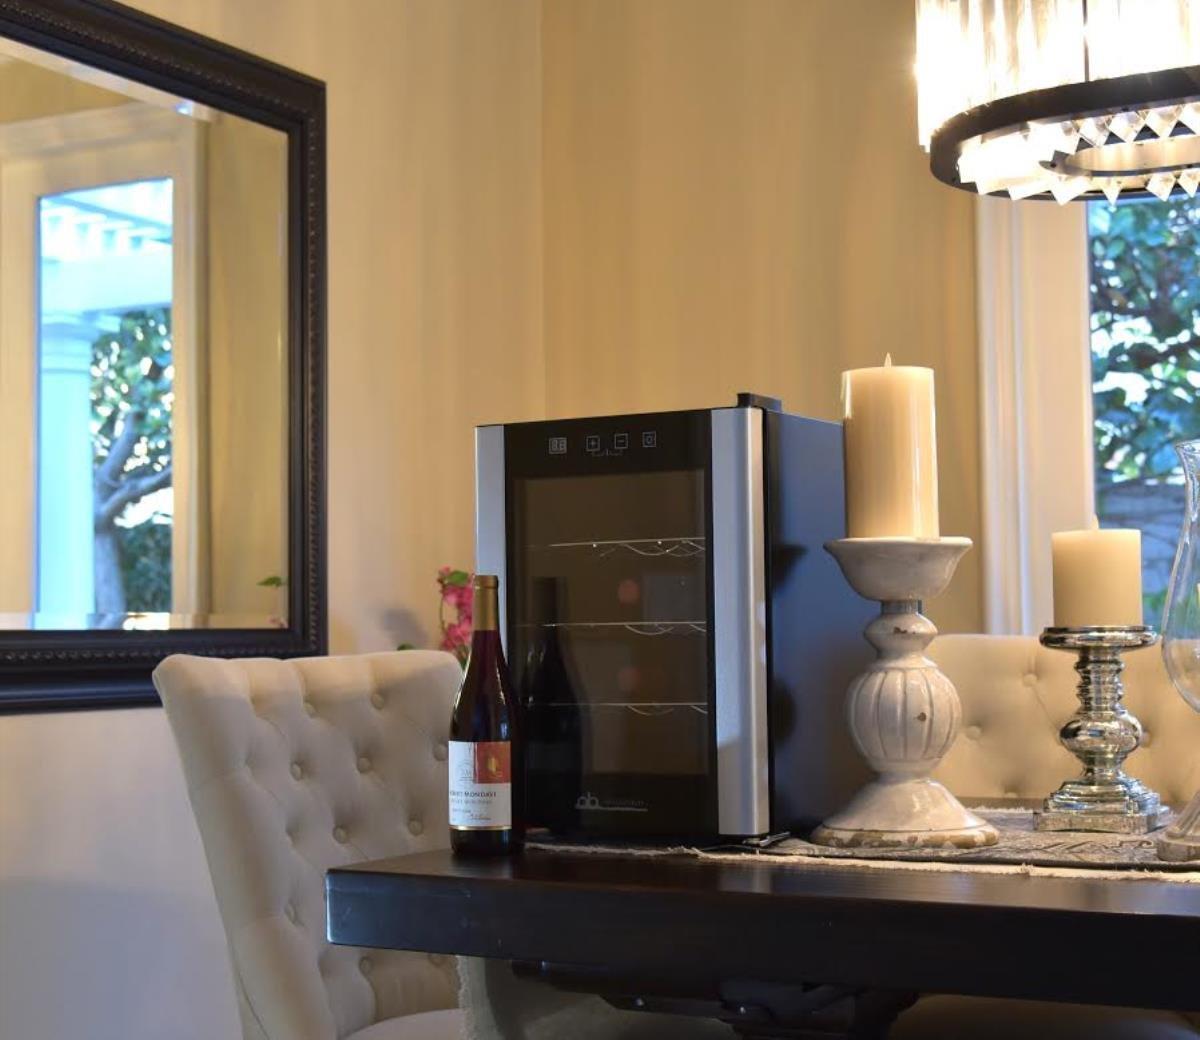 12 Bottle Beverage Wine Cooler Mini Refrigerator Black